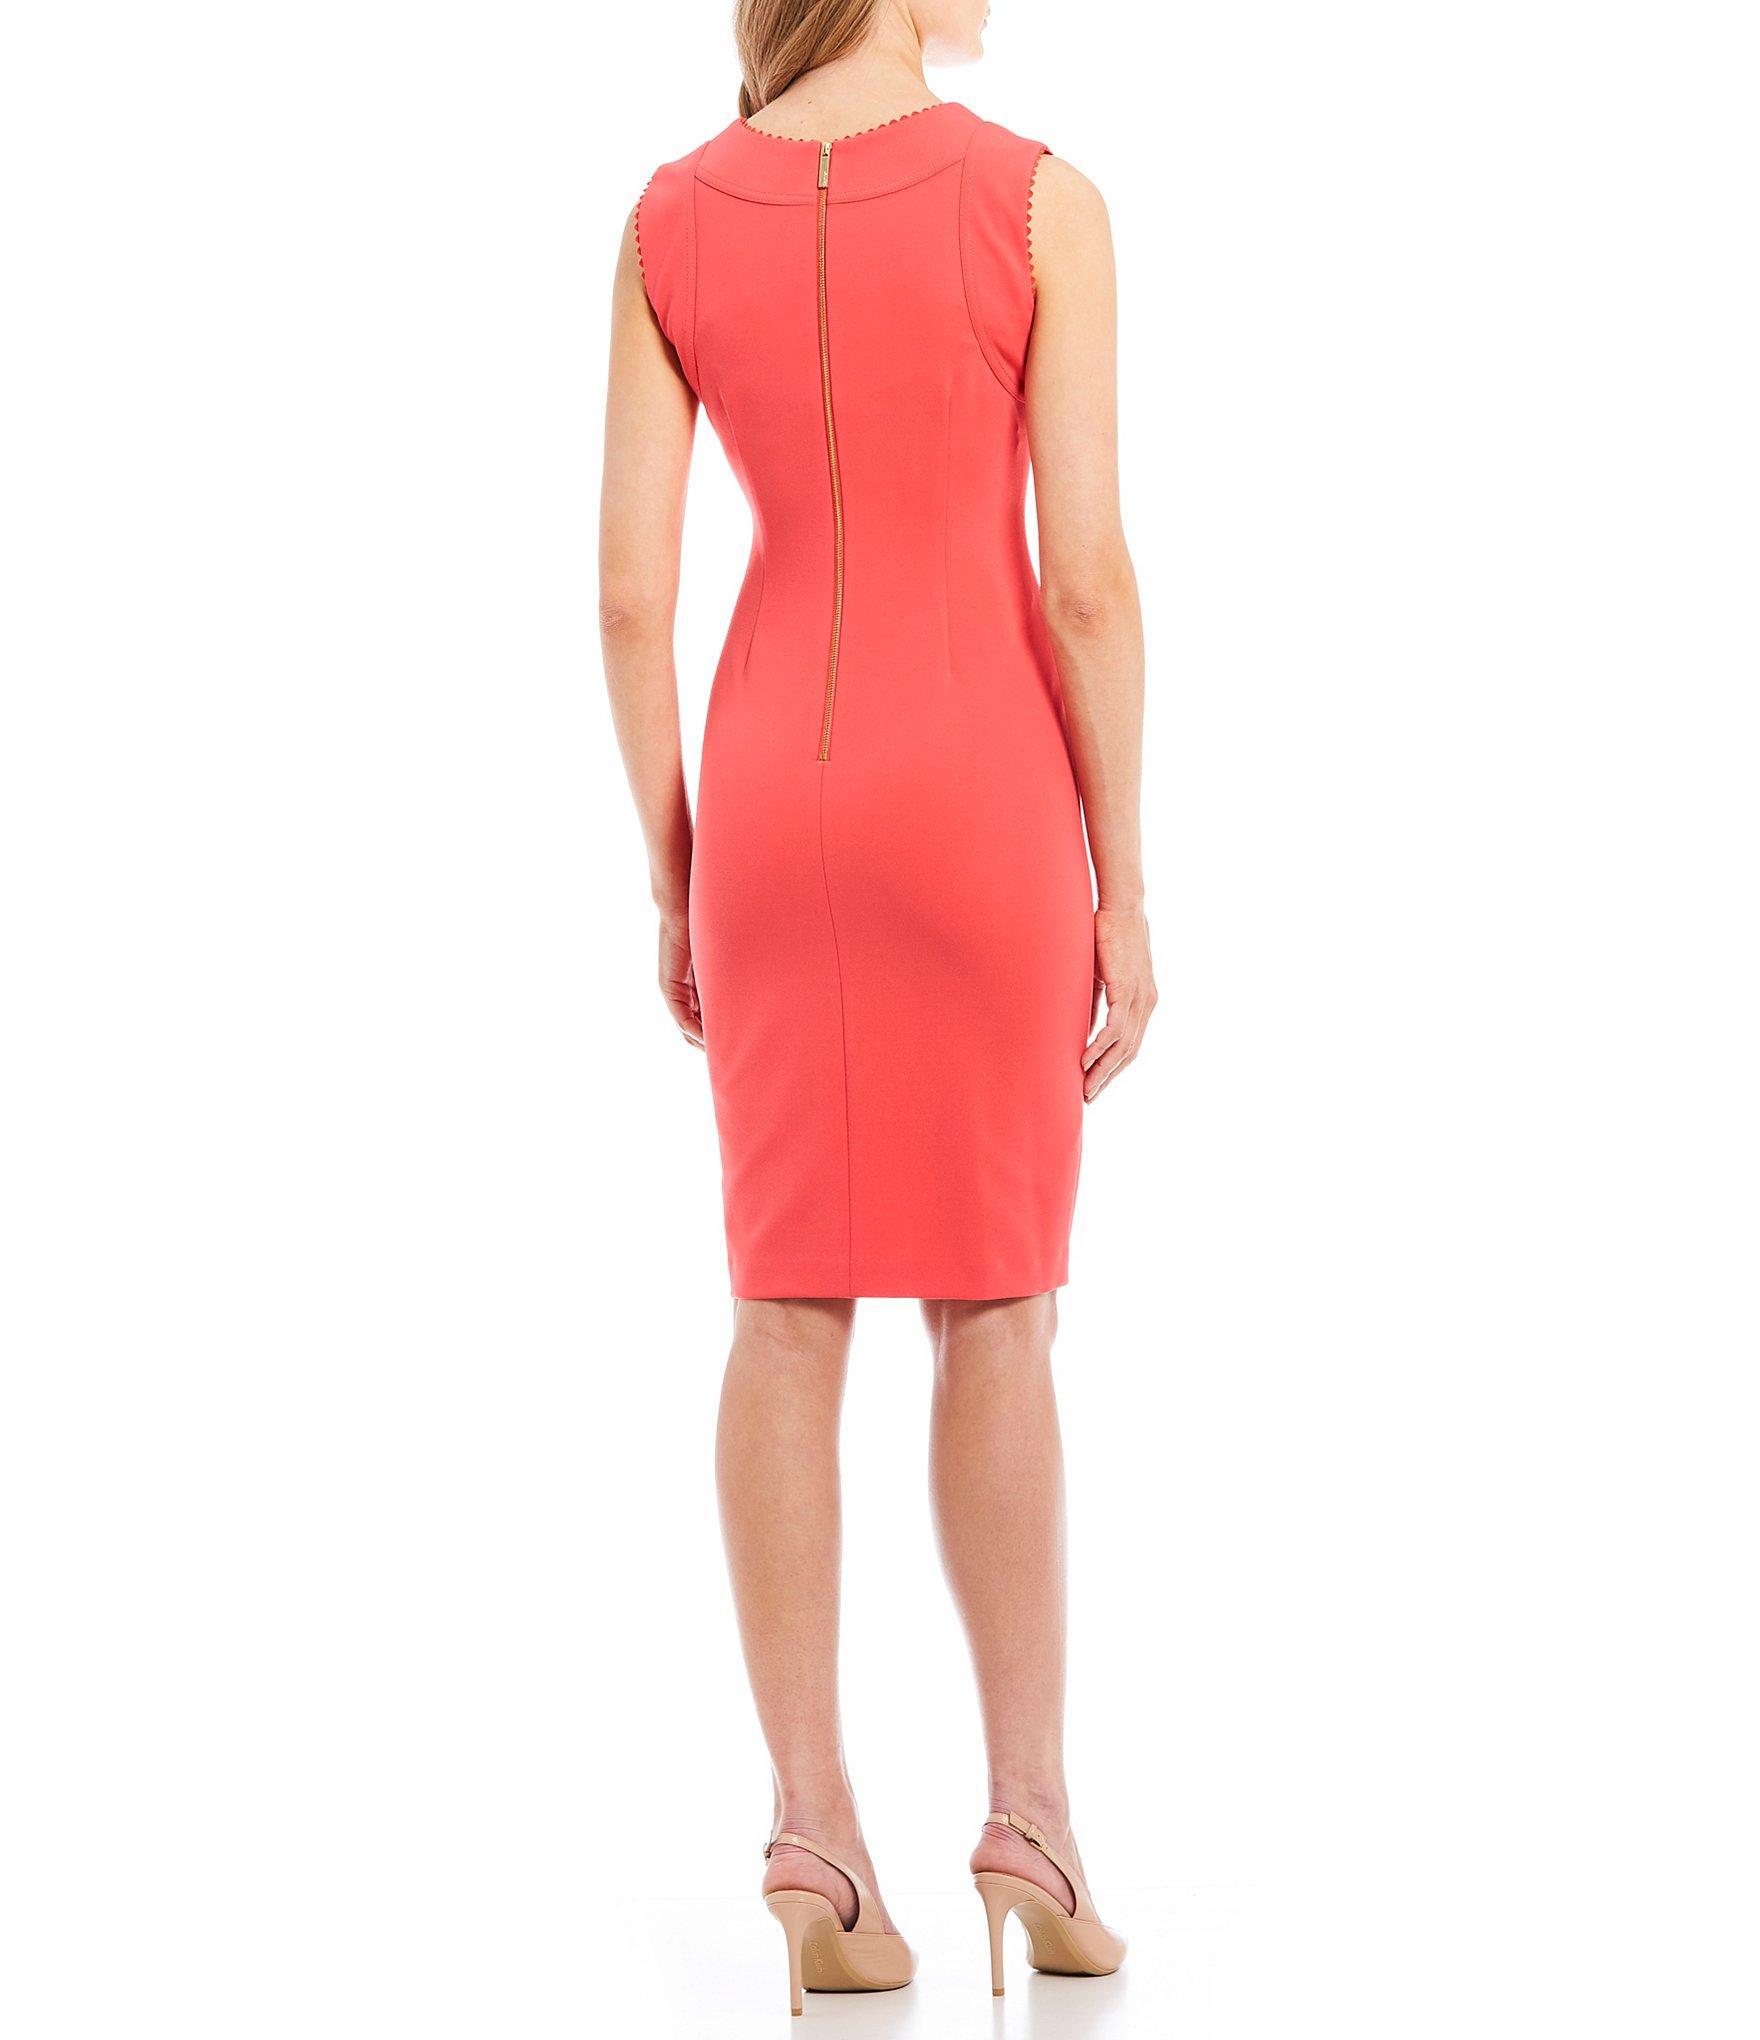 9bb122acc5e Calvin Klein - Red Sleeveless Sheath Dress - Lyst. View fullscreen